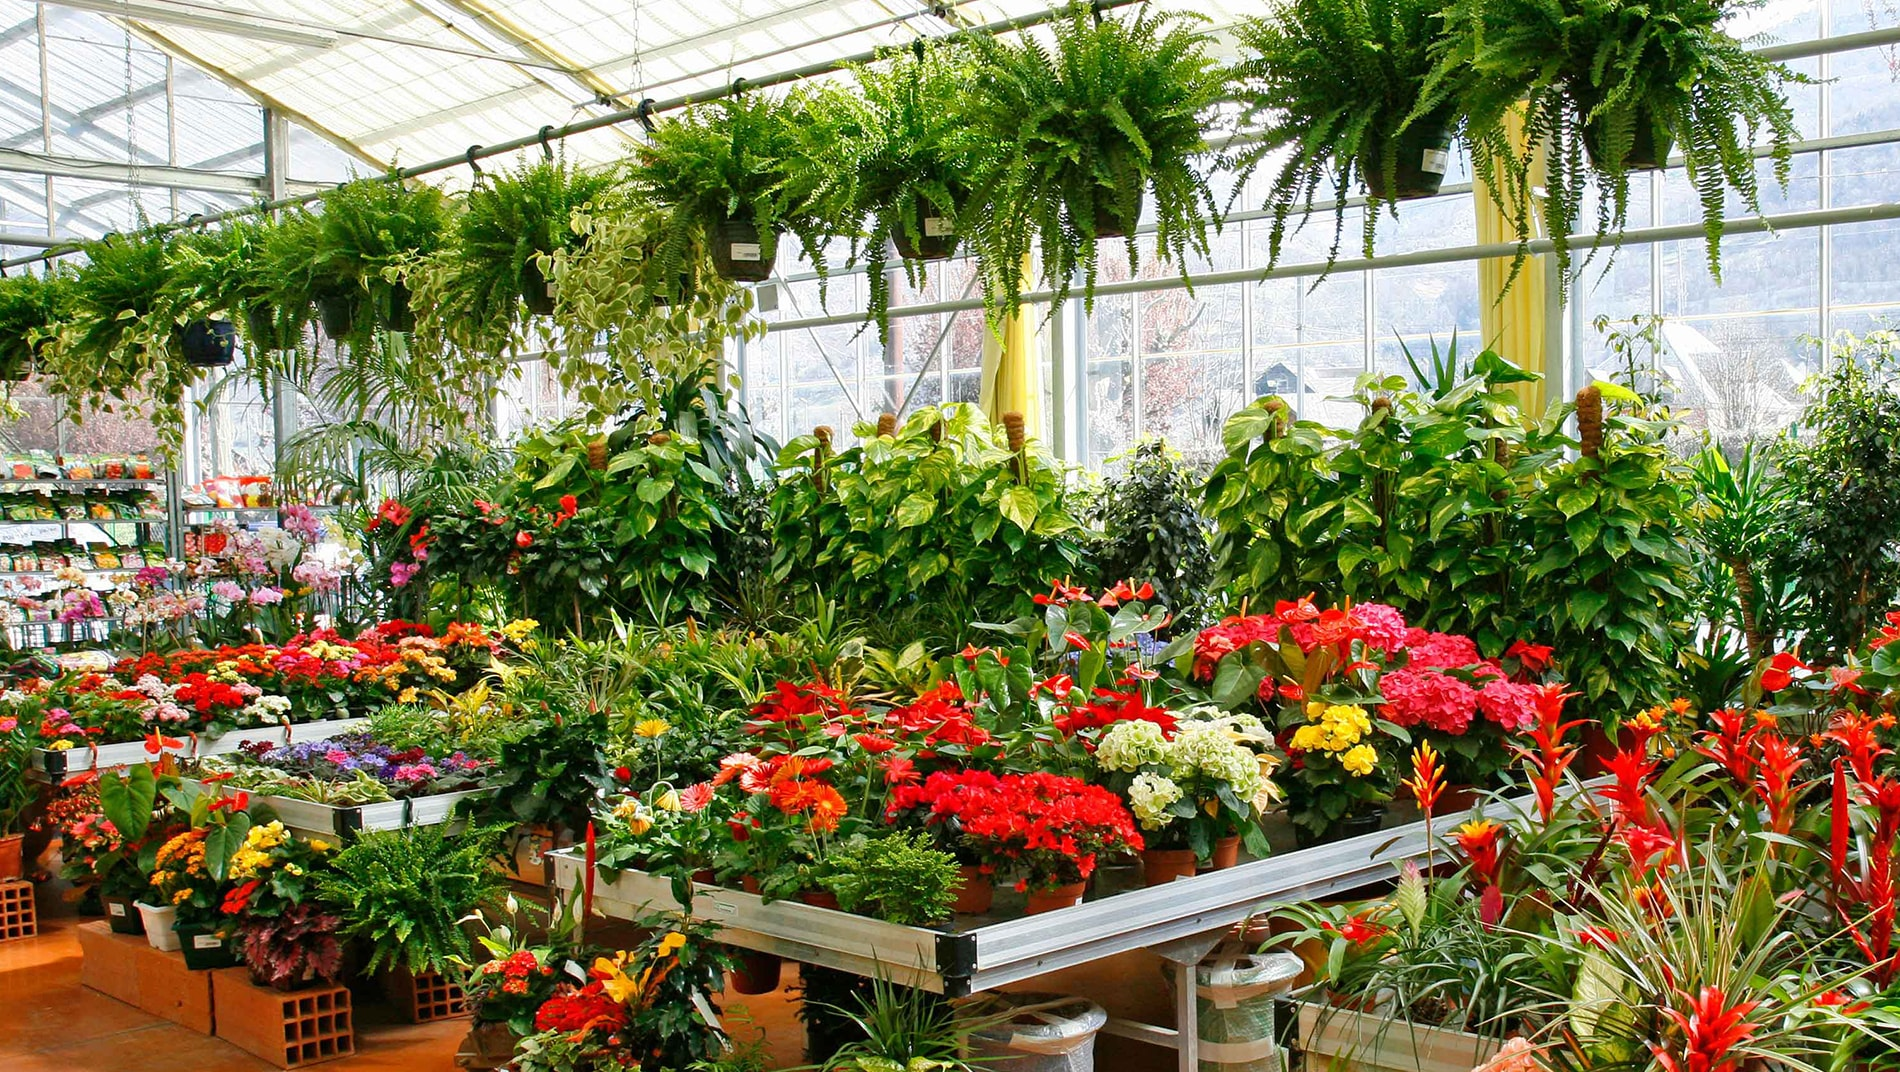 nursery-flowers-plants